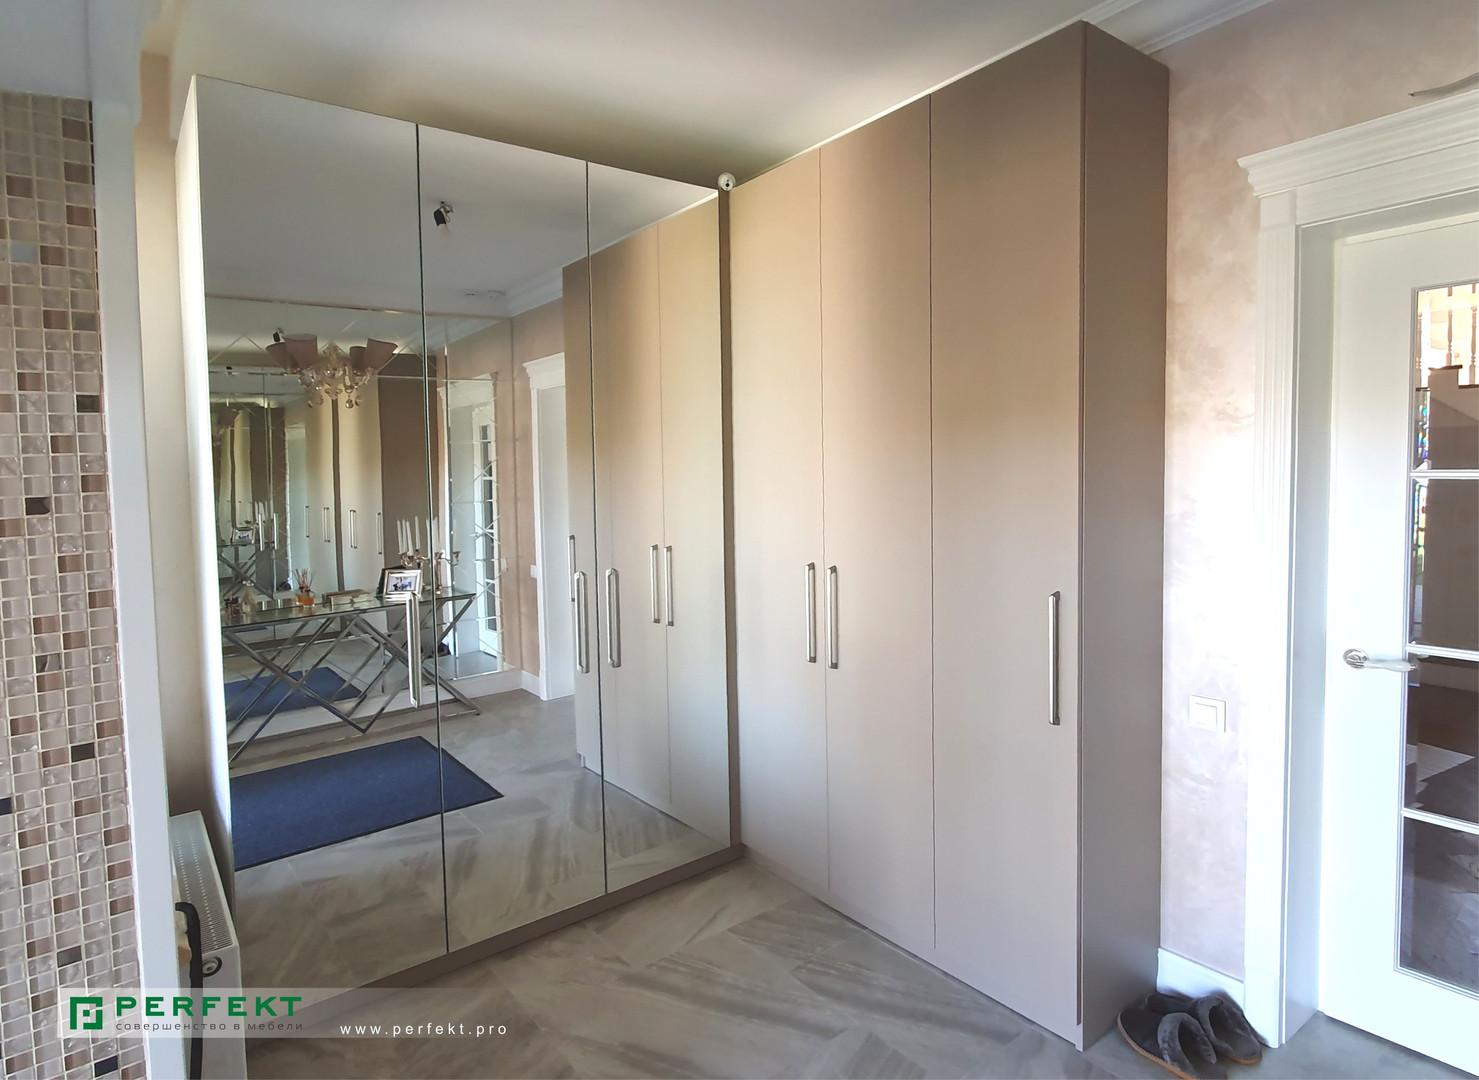 Шкаф с распашными дверями _ угловой.jpg